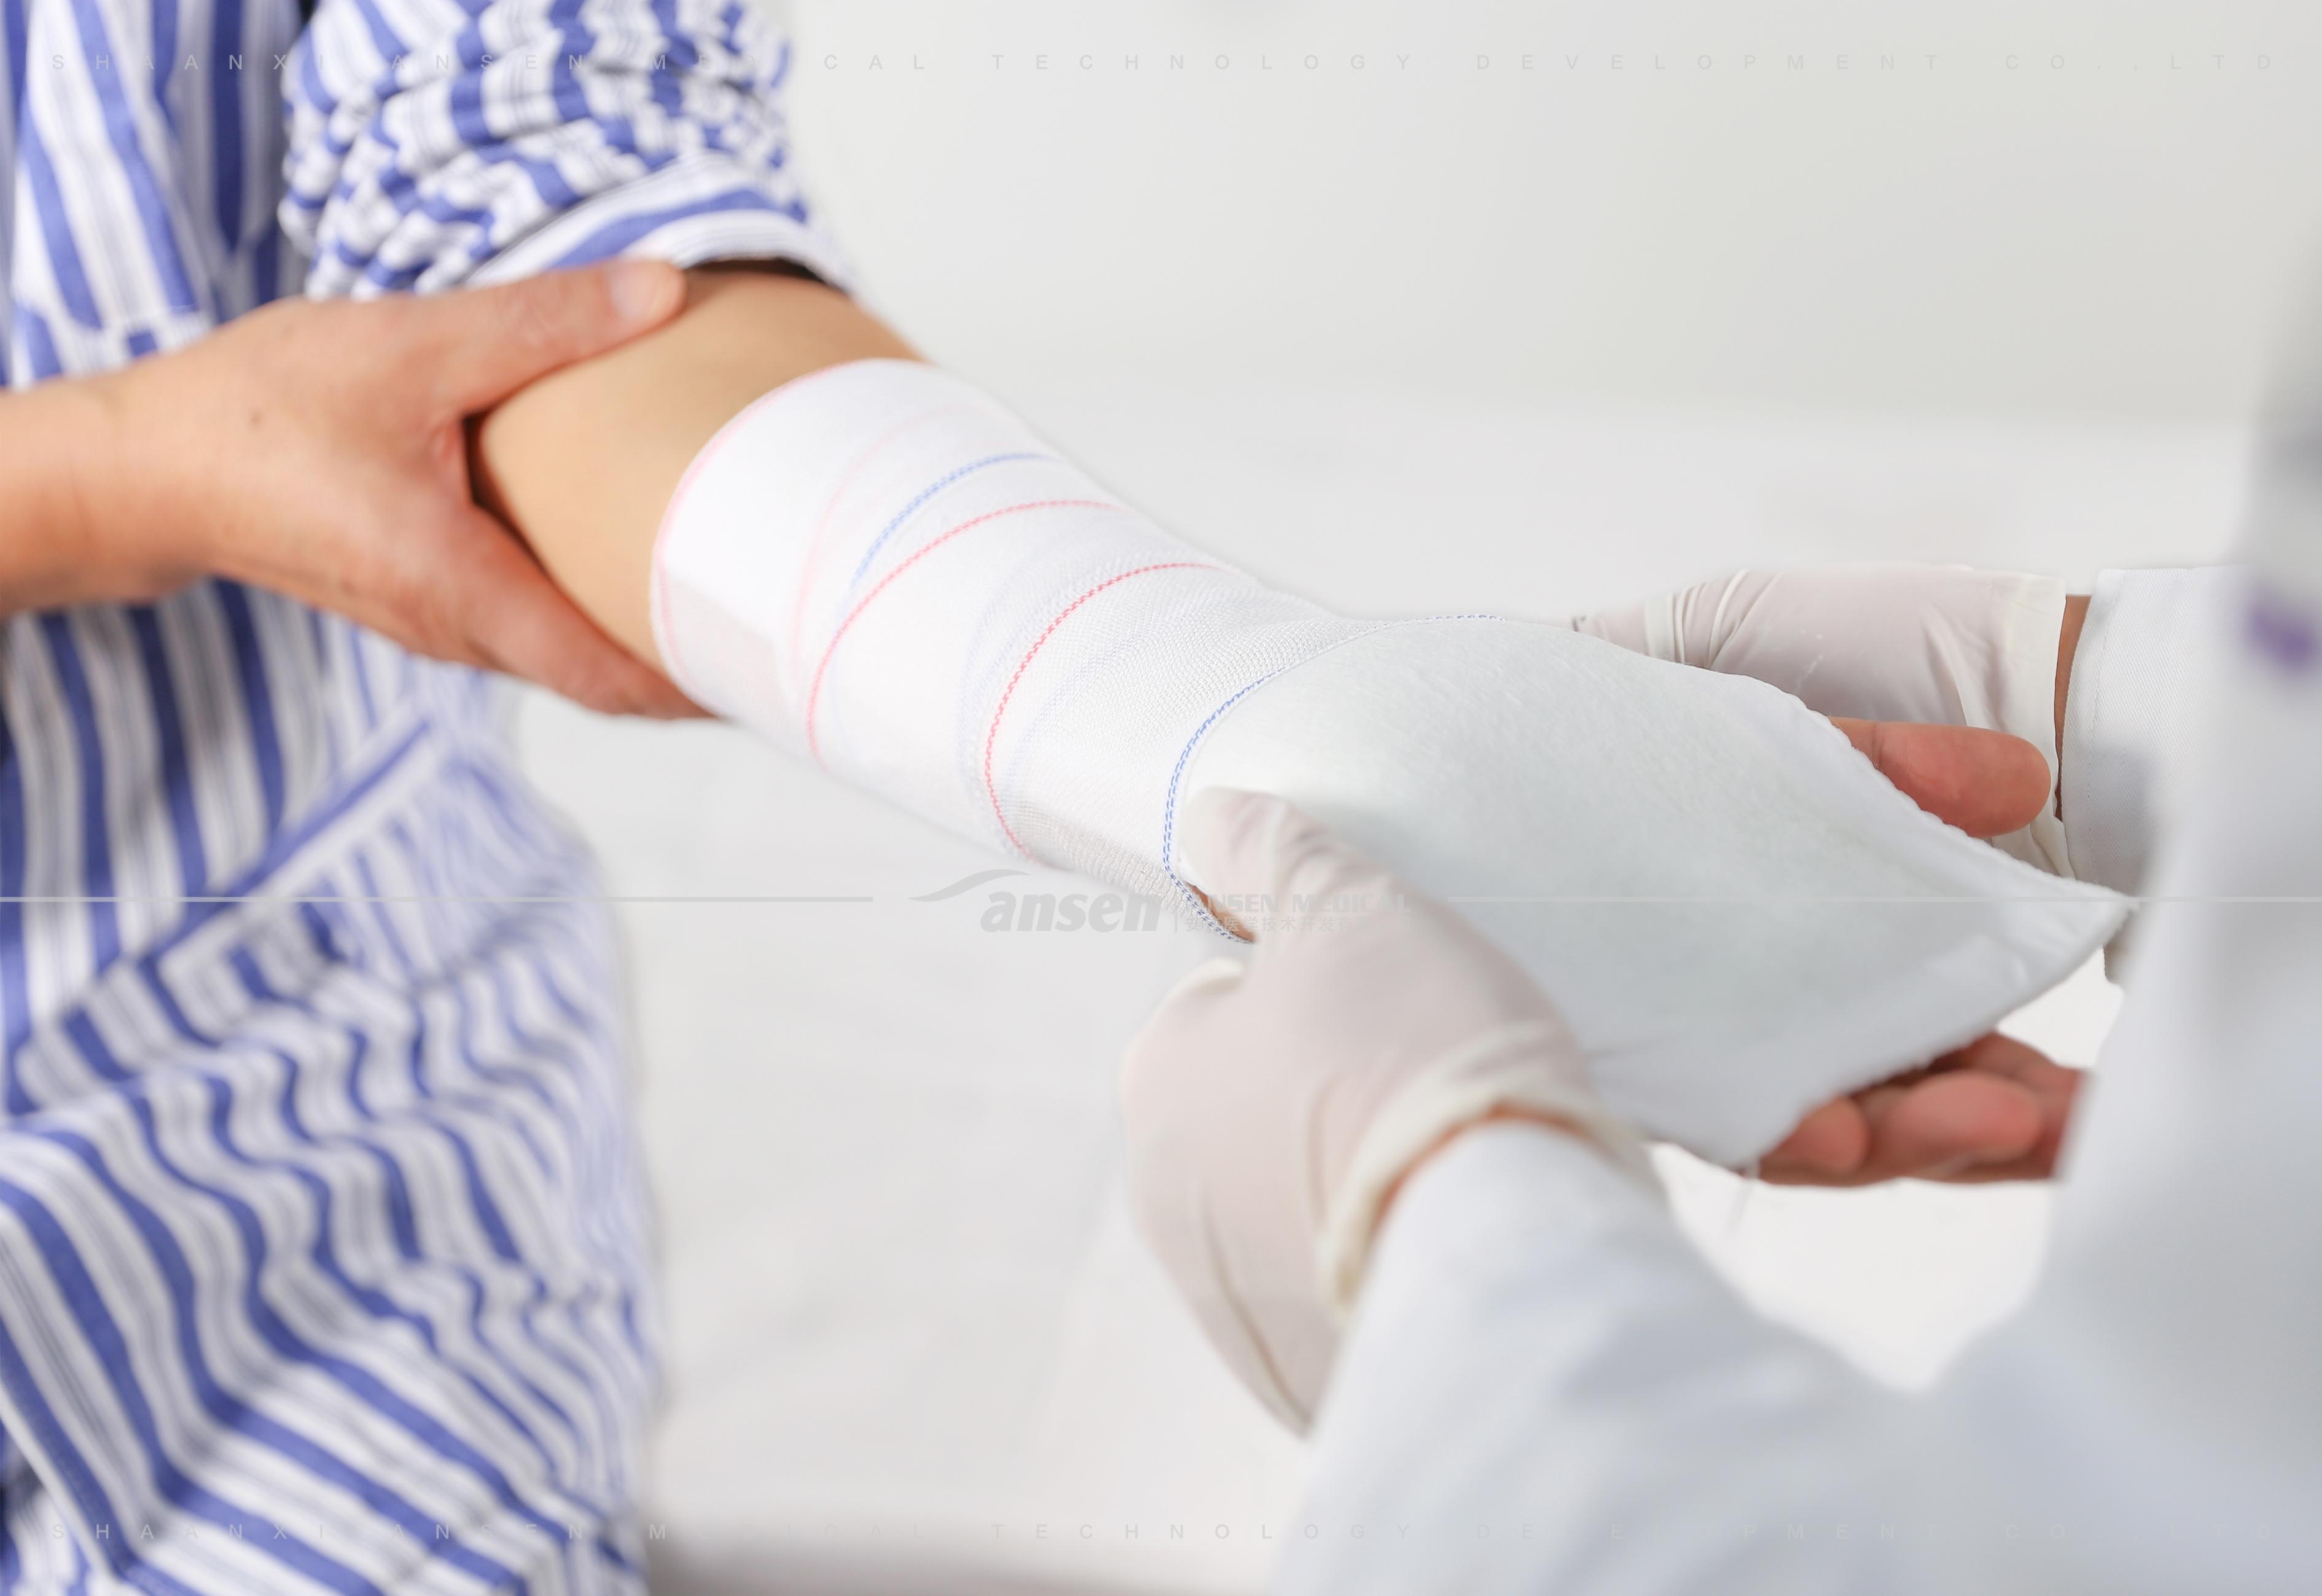 发生肱骨髁上骨折如何保守治疗